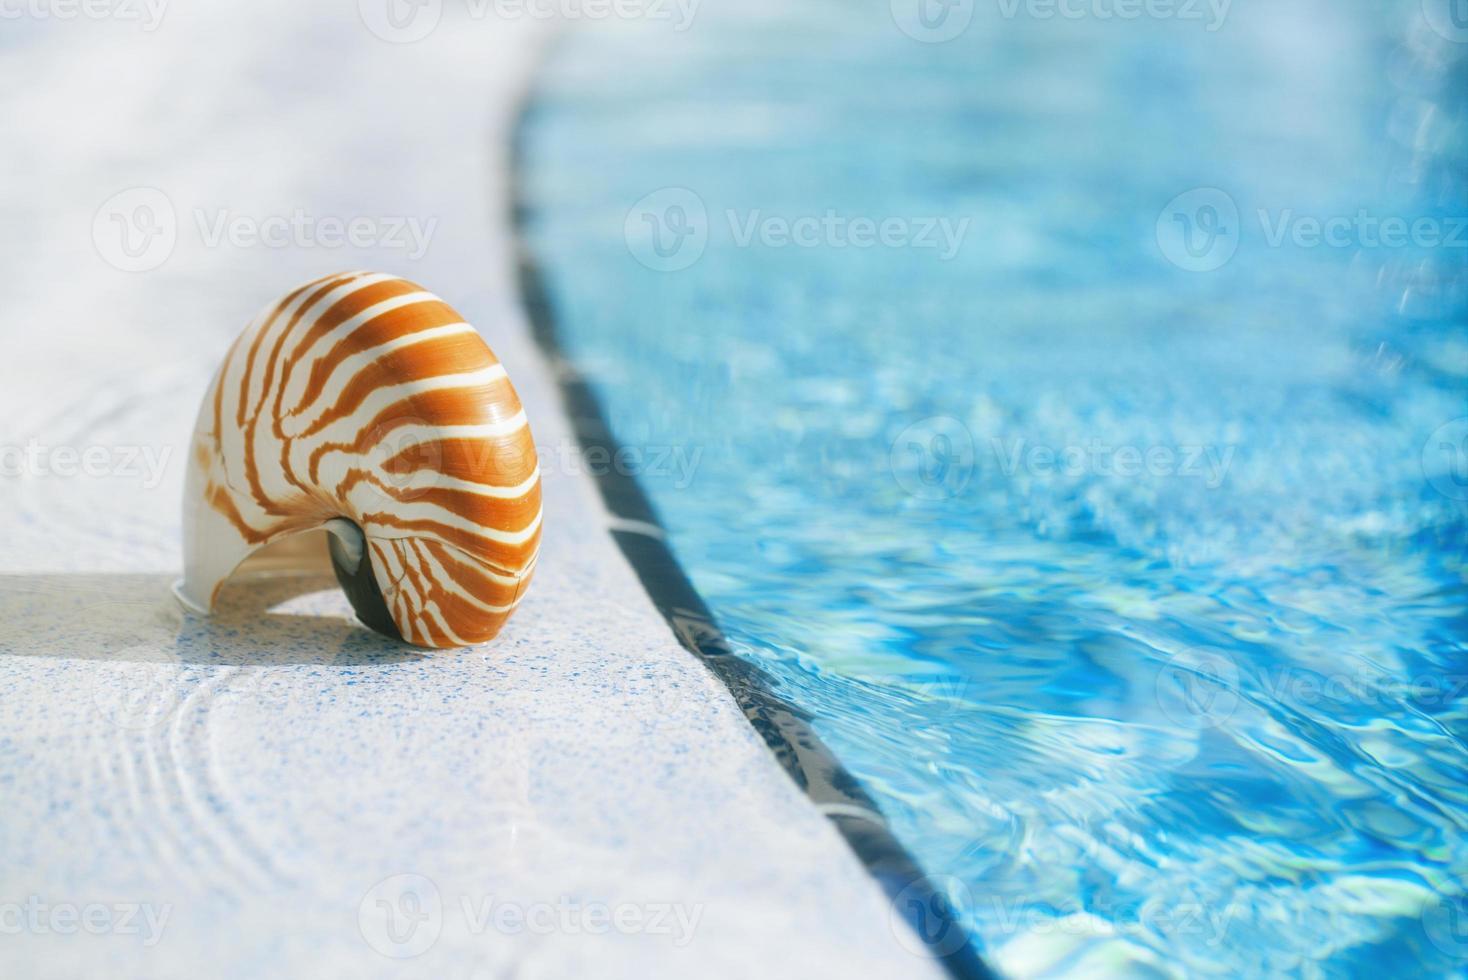 Nautilusschale am Poolrand des Resorts foto